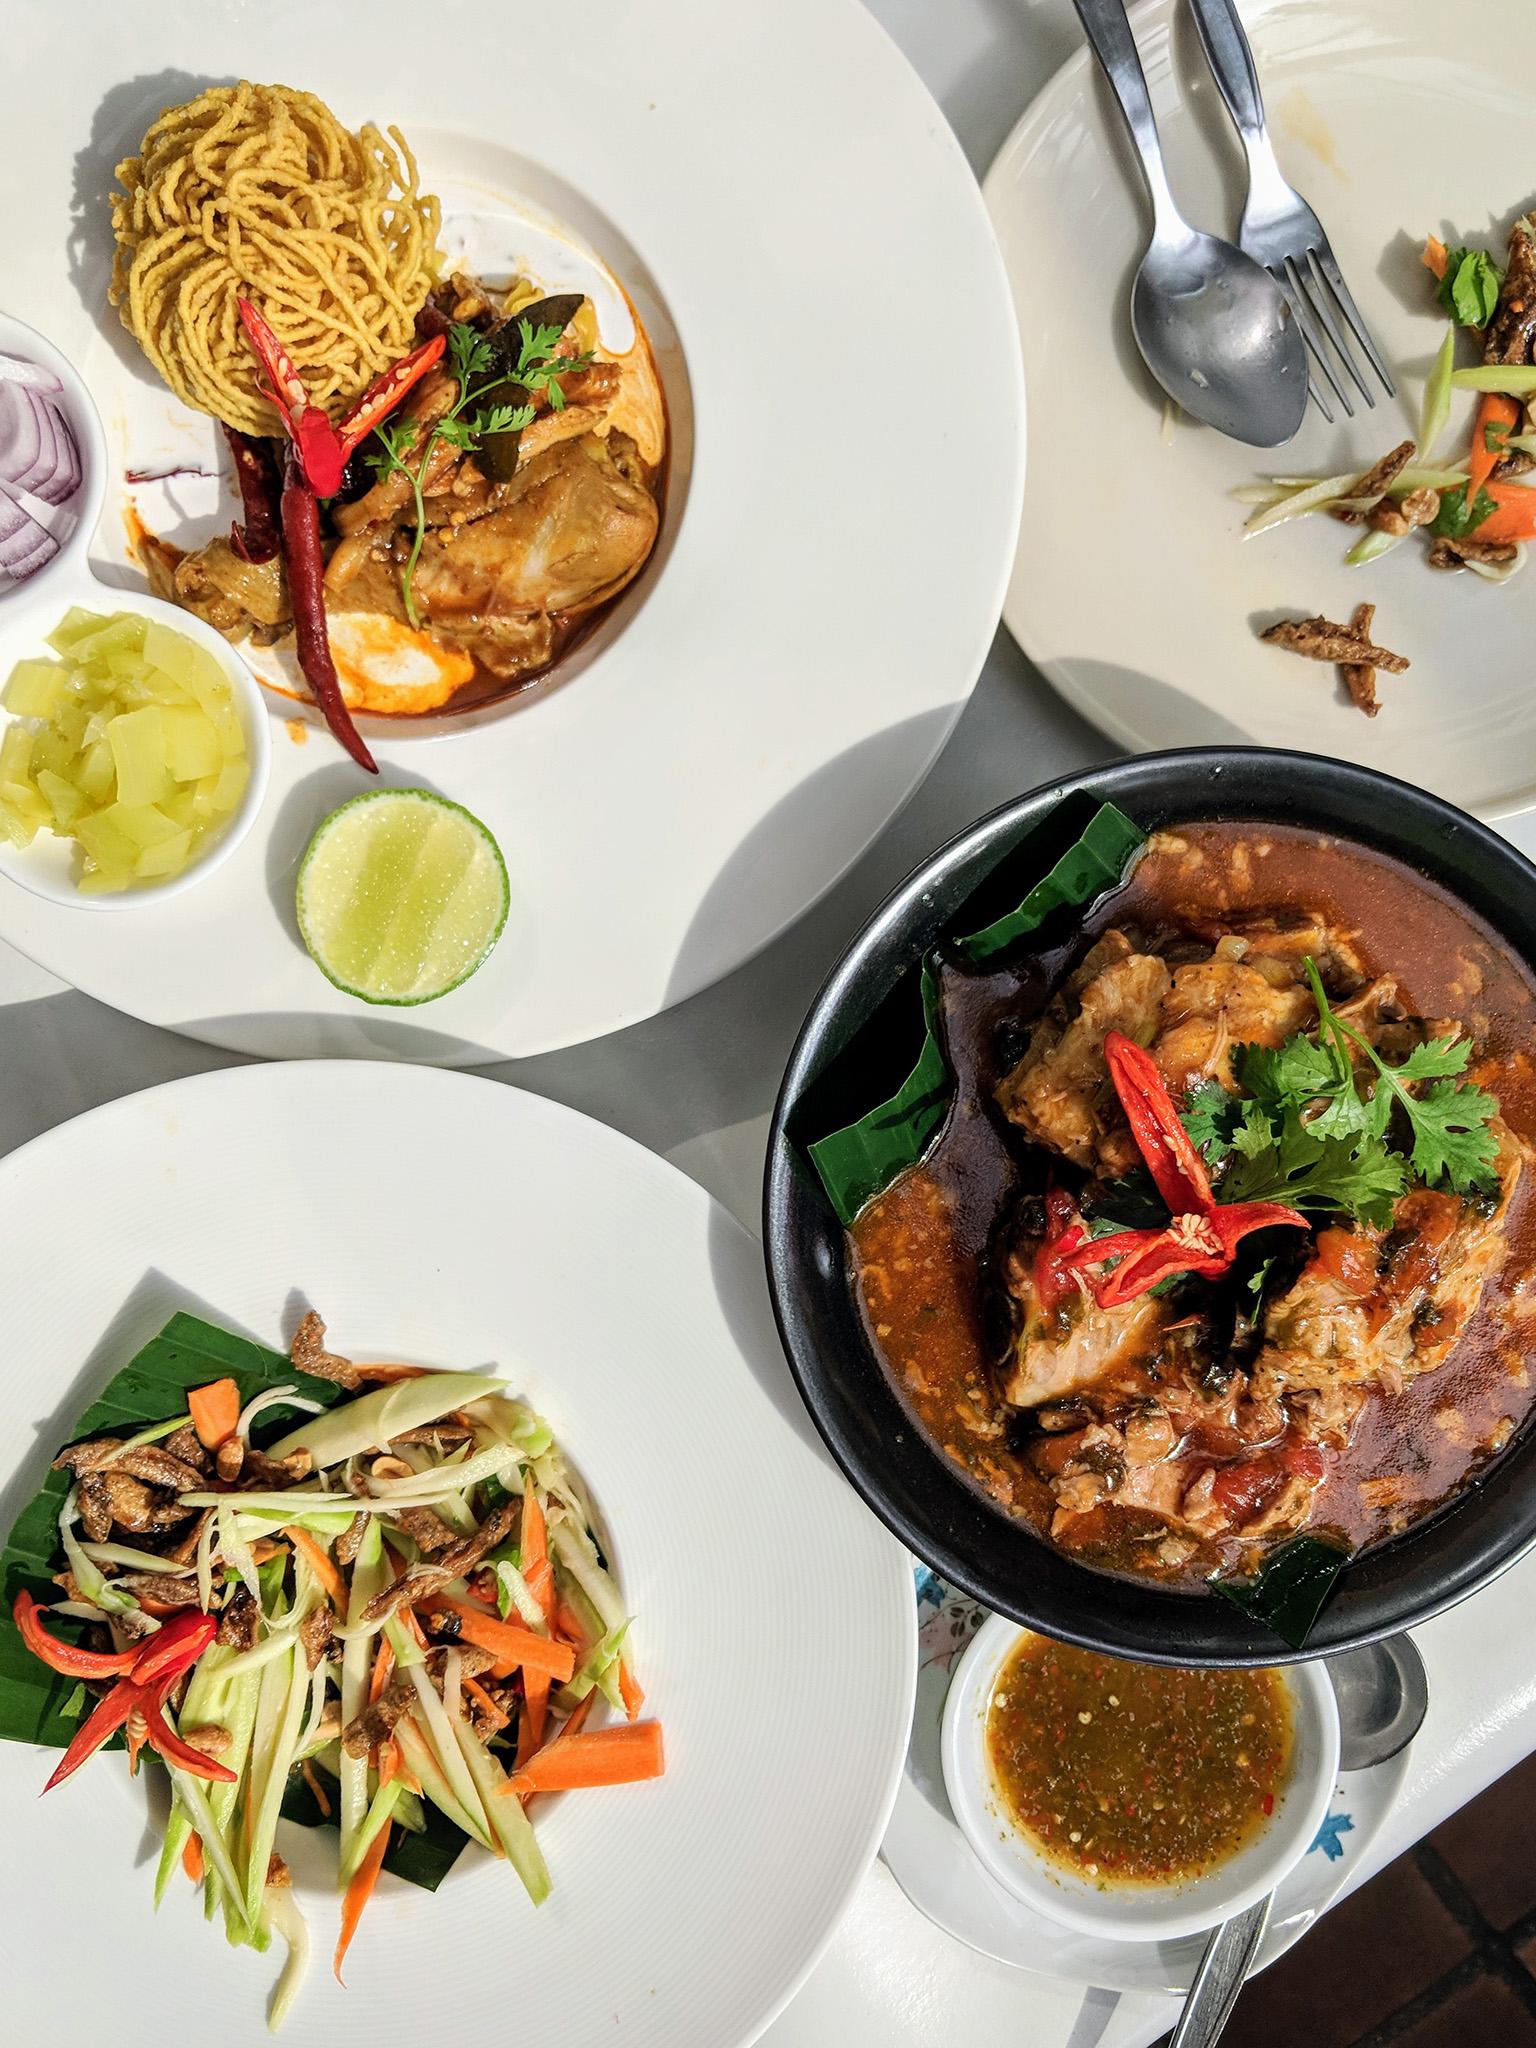 Delicious Khao Soi, Braised Pork and Papaya Salad at Baan Landai